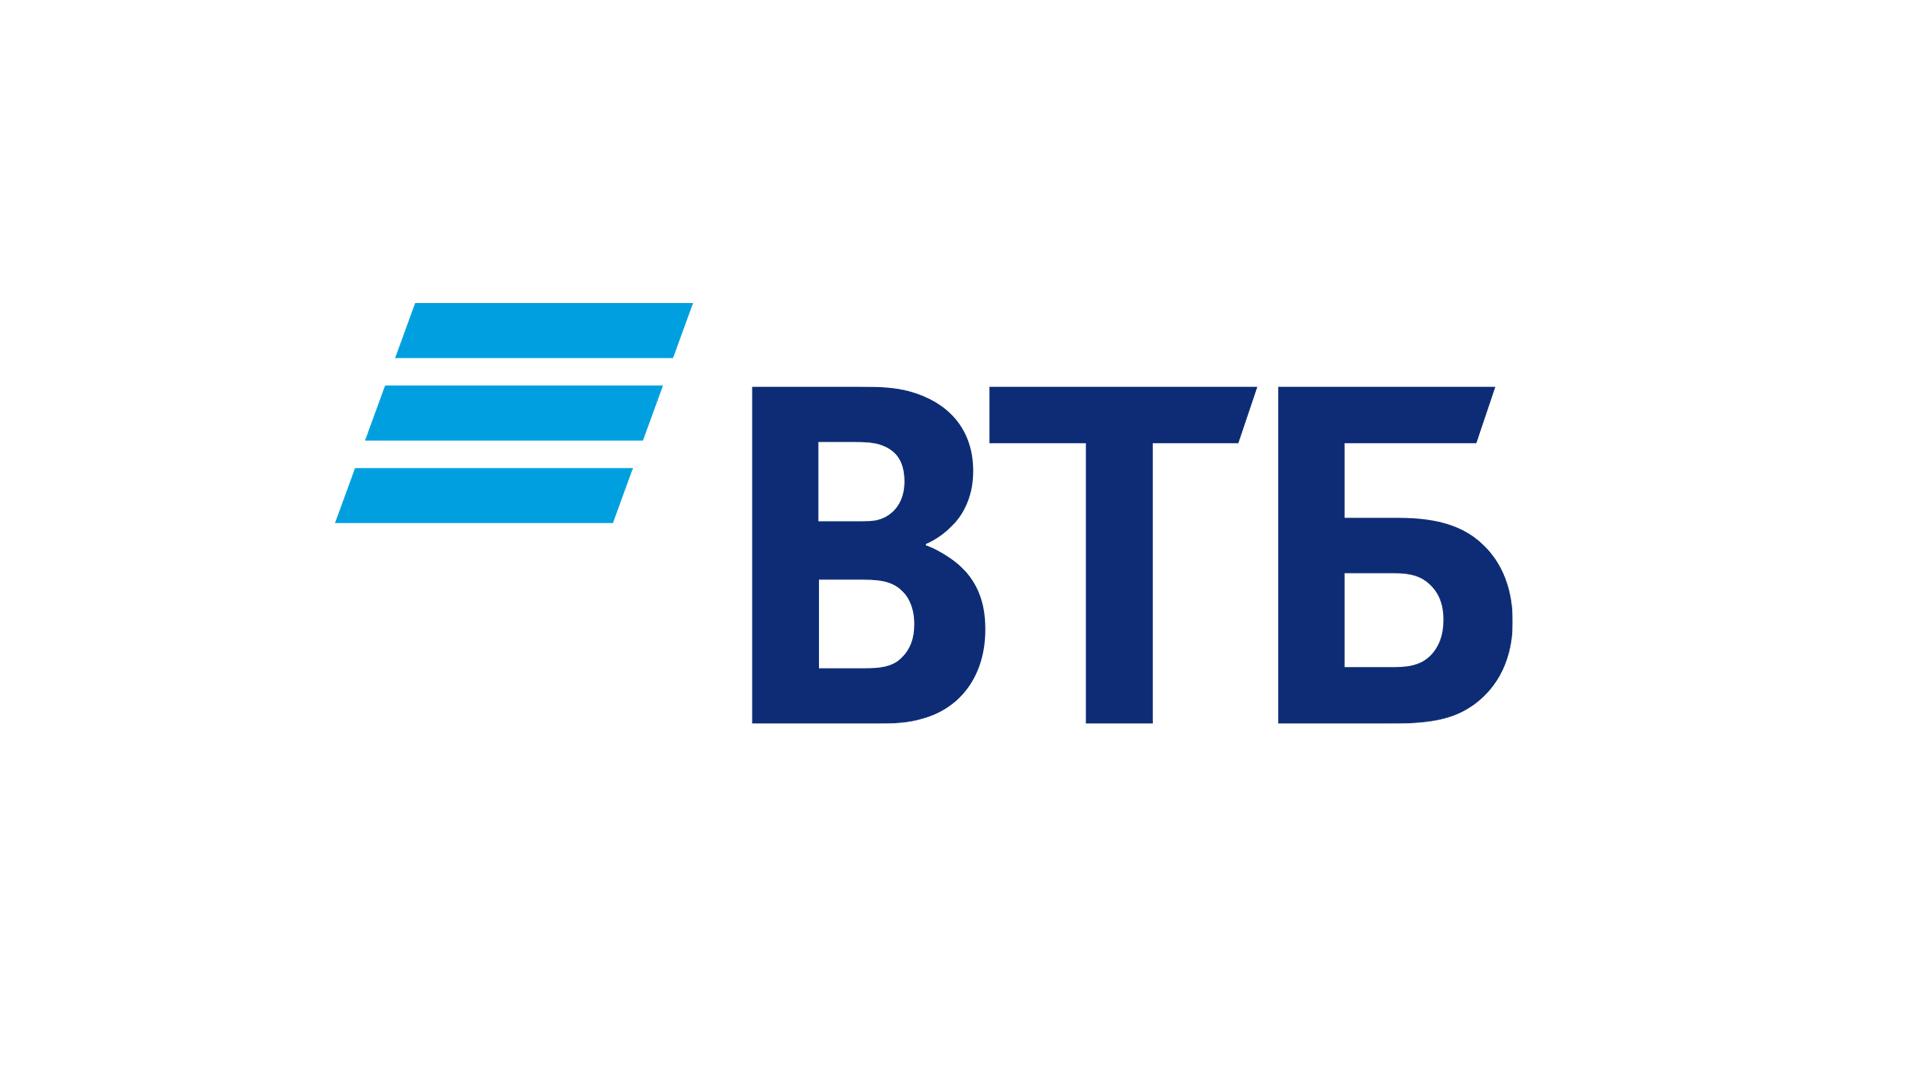 ВТБ выдал более 30 тысяч кредитов по «Ипотеке с господдержкой»